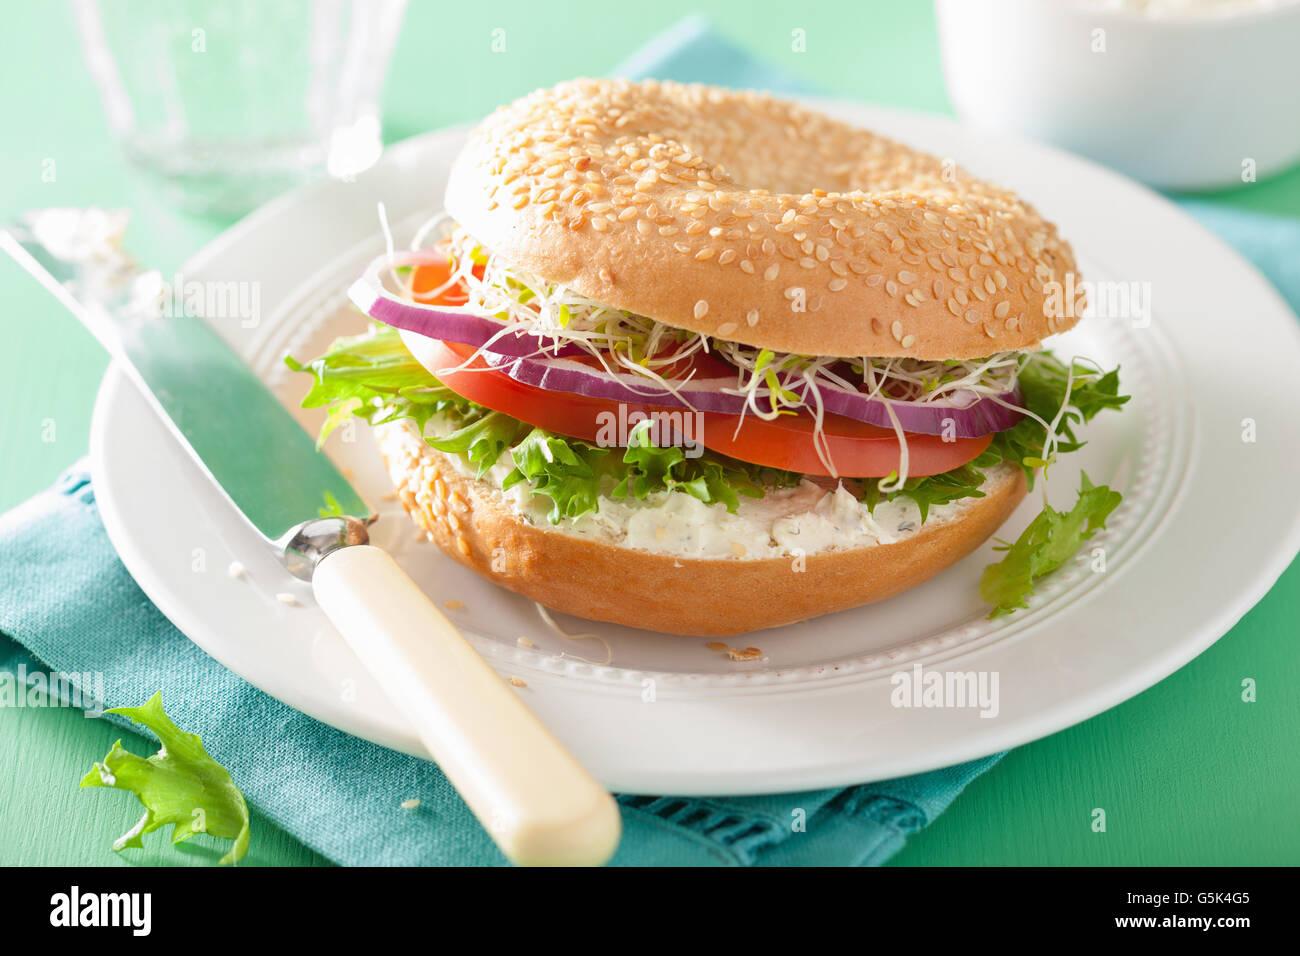 Sándwich de tomate en bagel con queso crema de lechuga cebolla brotes de alfalfa Foto de stock